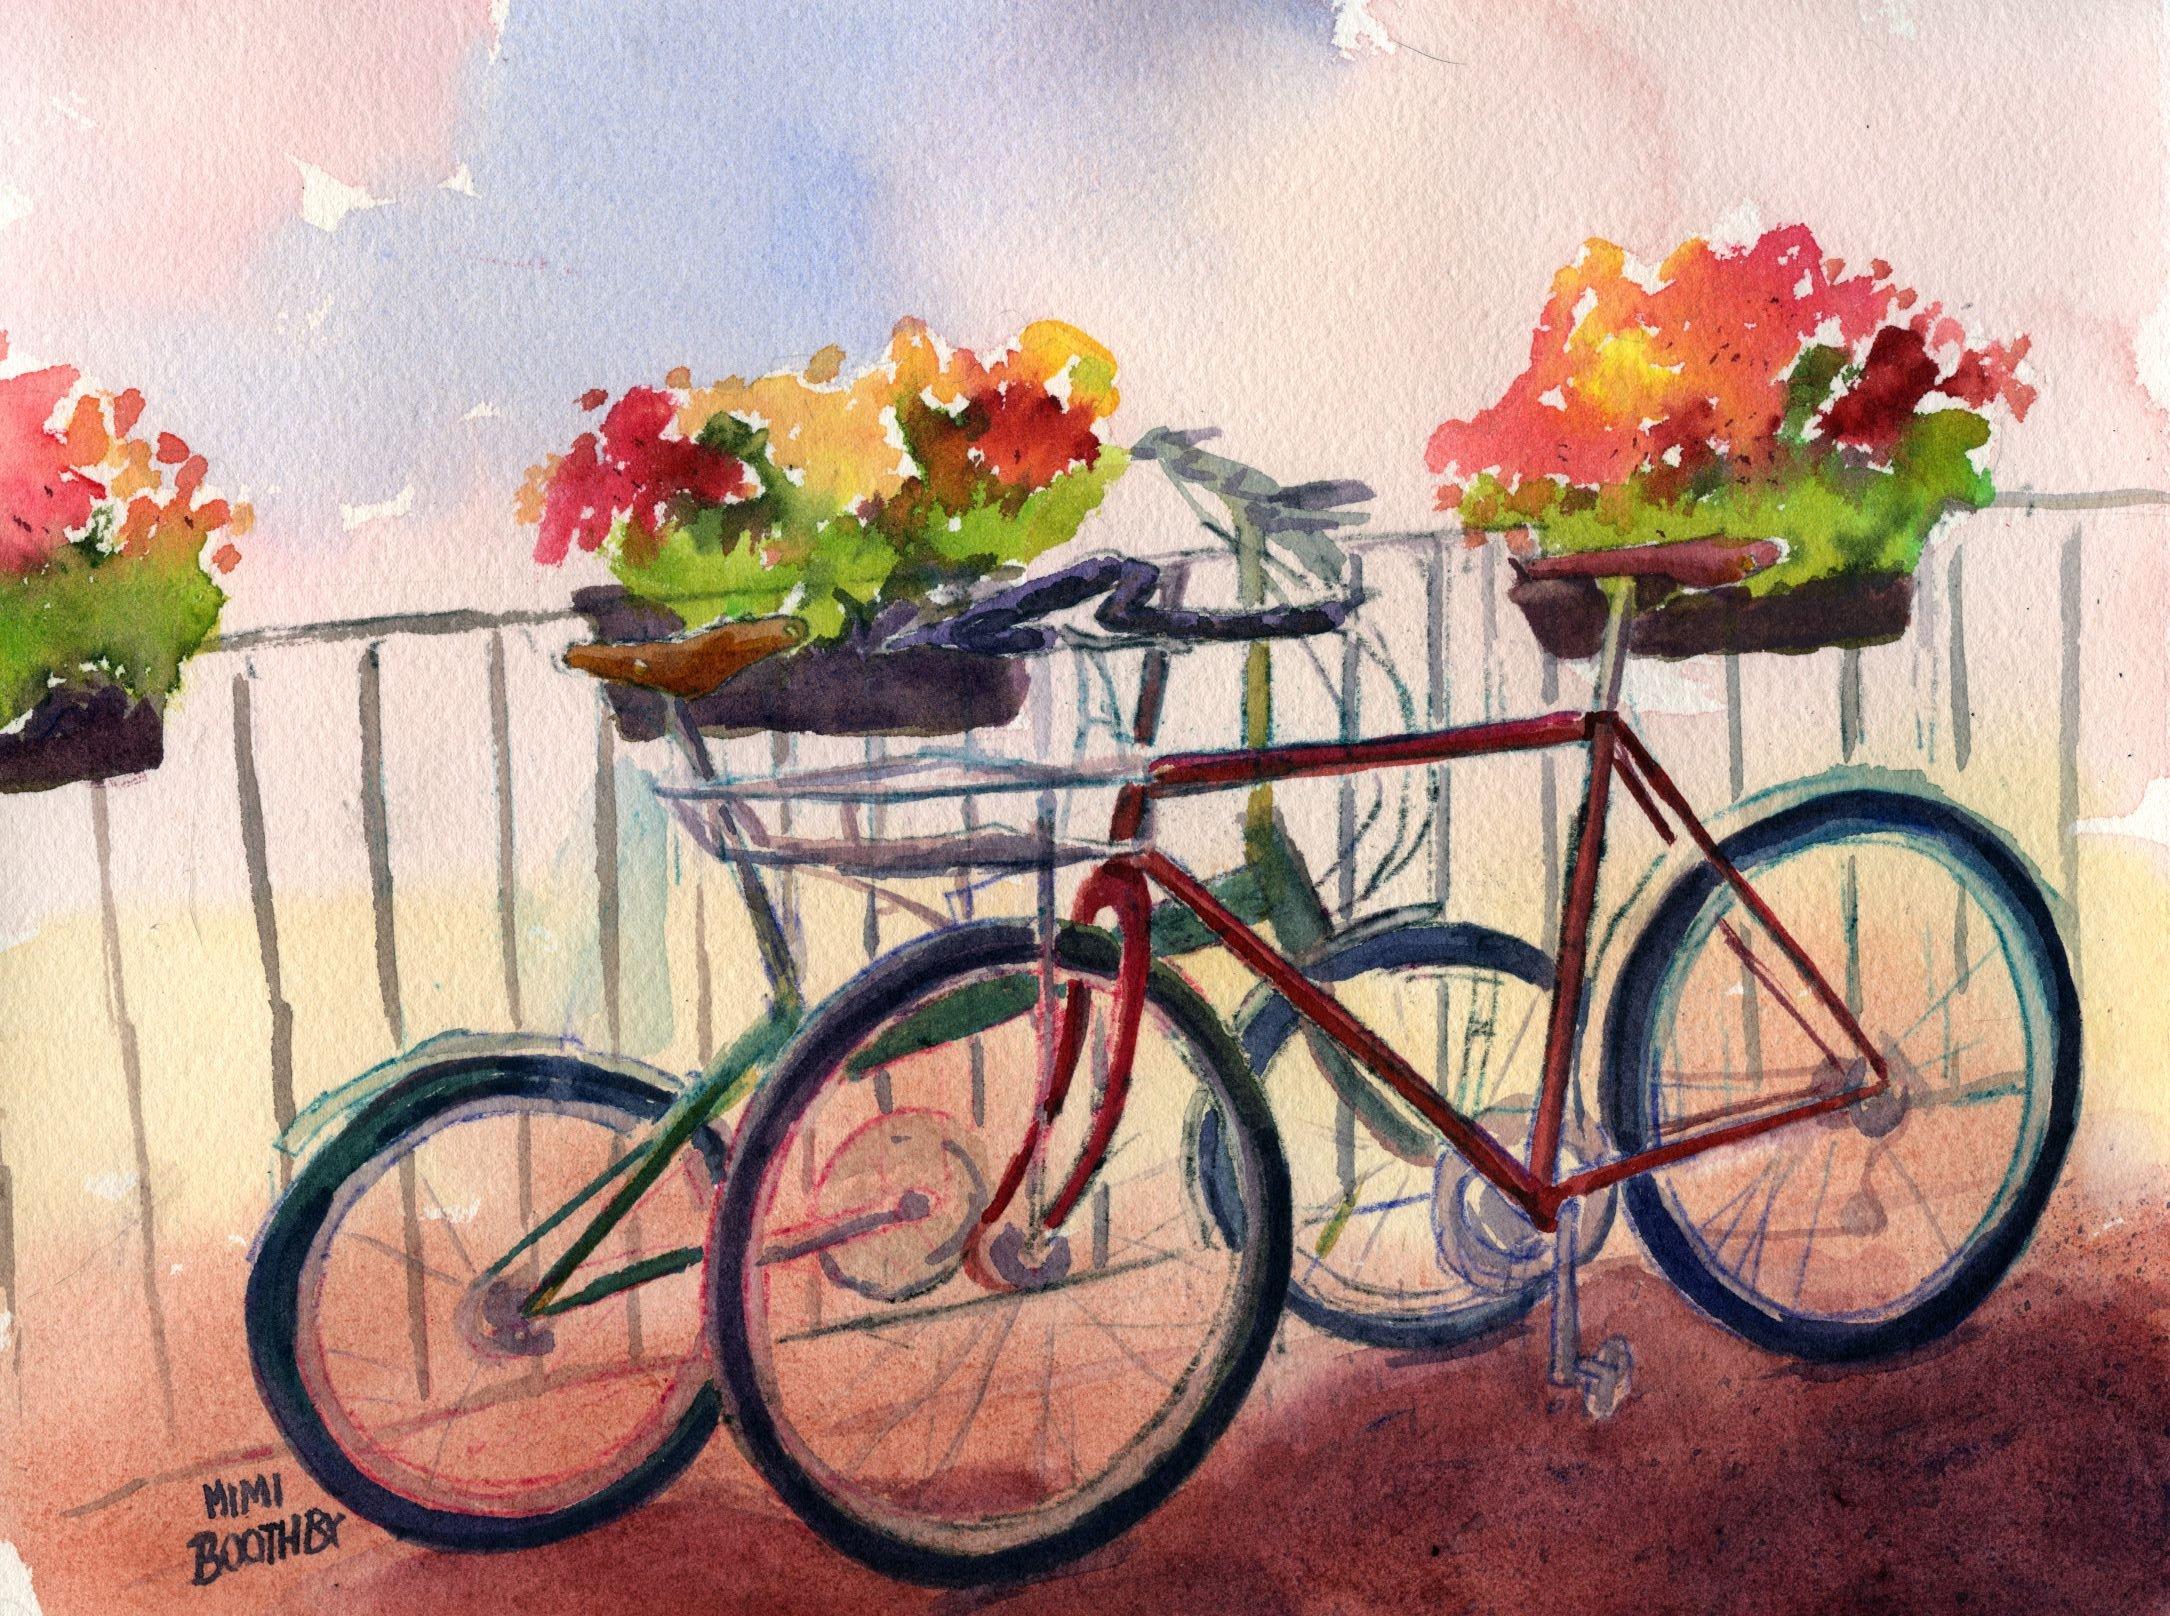 http://www.mimitabby.com/blog/wp-content/uploads/2013/01/bikelove0005.jpg